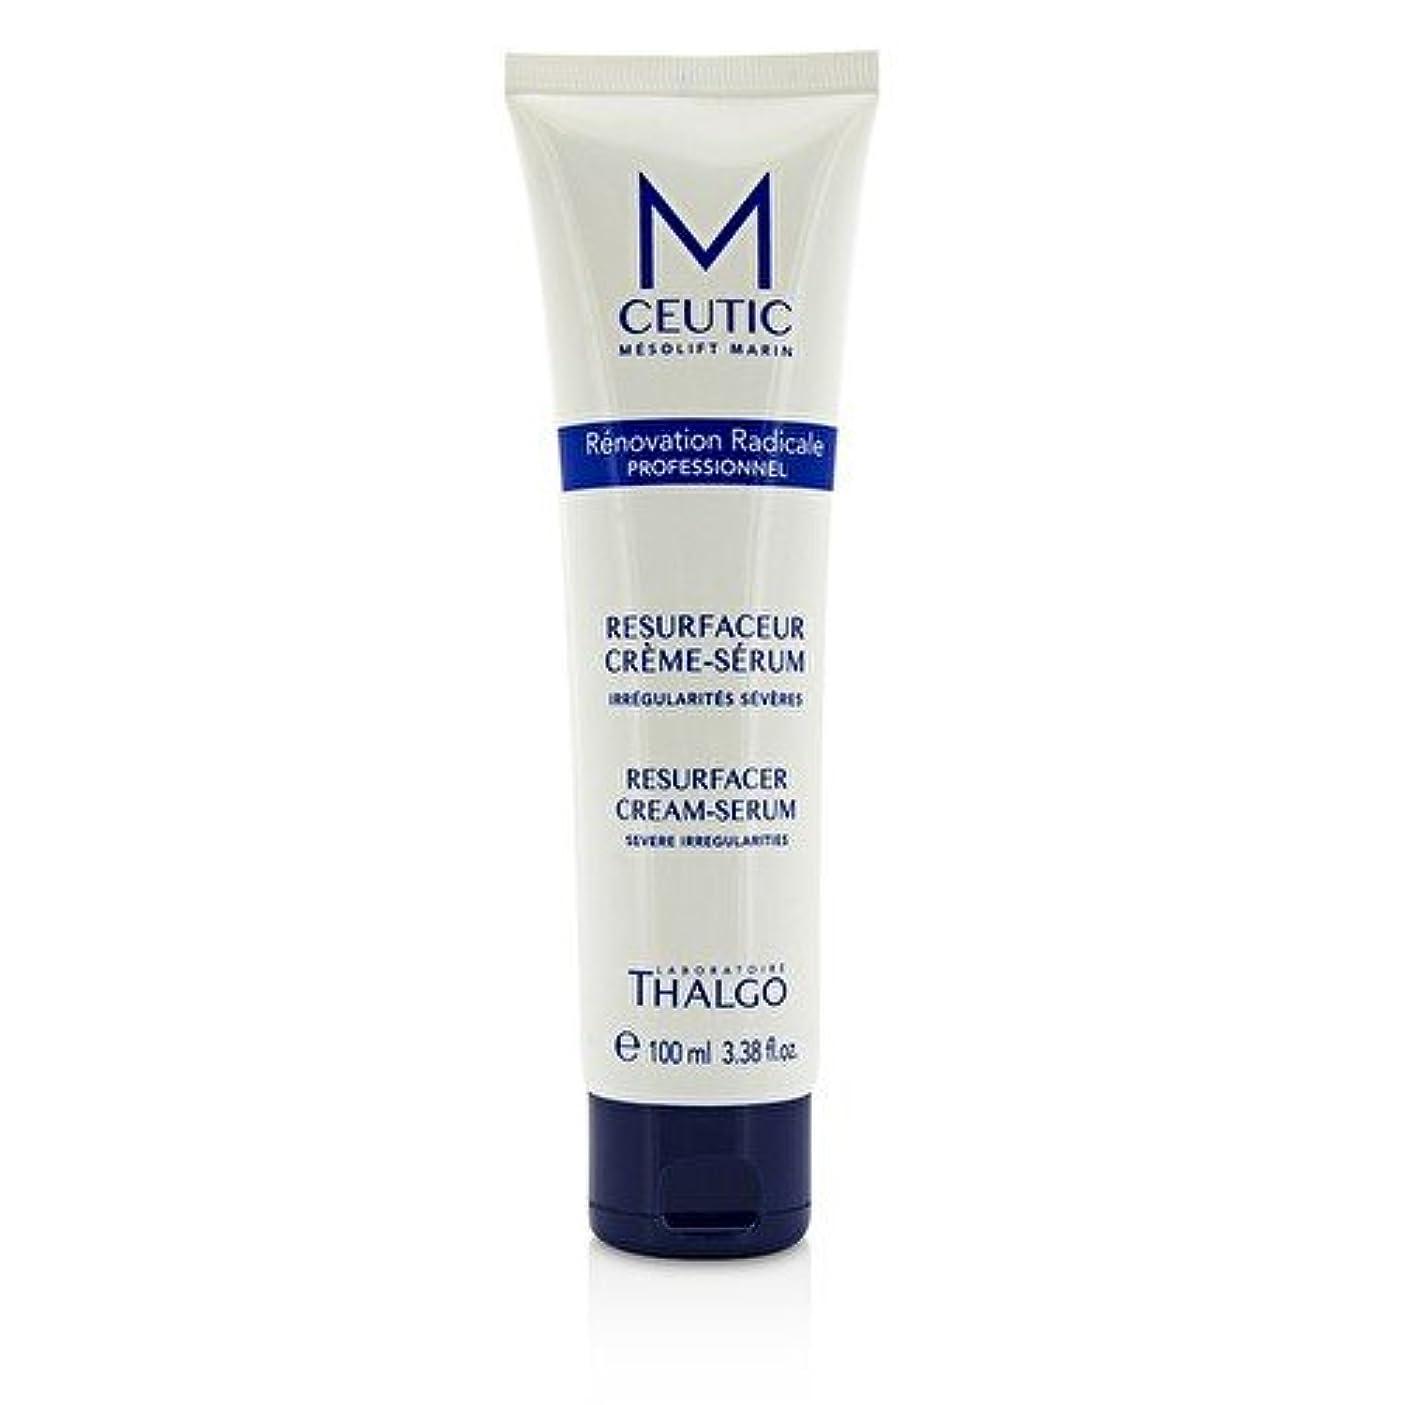 ブラジャーバーストアウトドアタルゴ MCEUTIC Resurfacer Cream-Serum - Salon Size 100ml/3.38oz並行輸入品